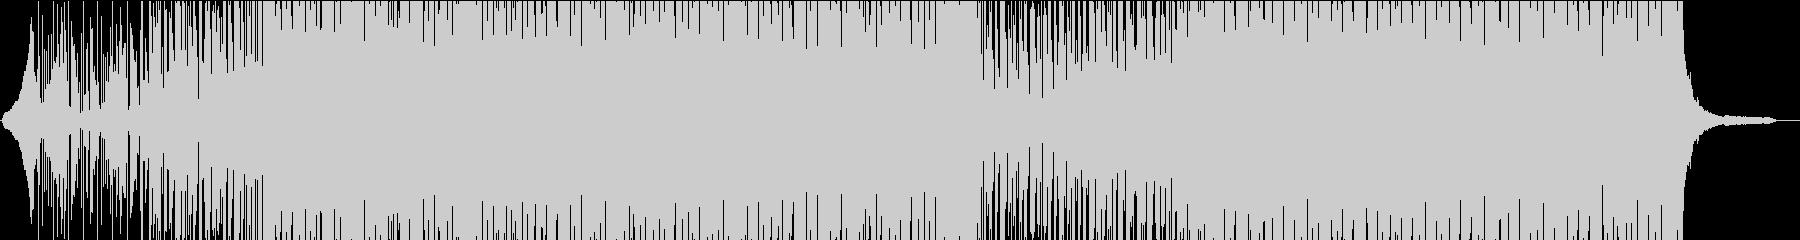 トロピカル タンゴ サンバ 民謡 ...の未再生の波形